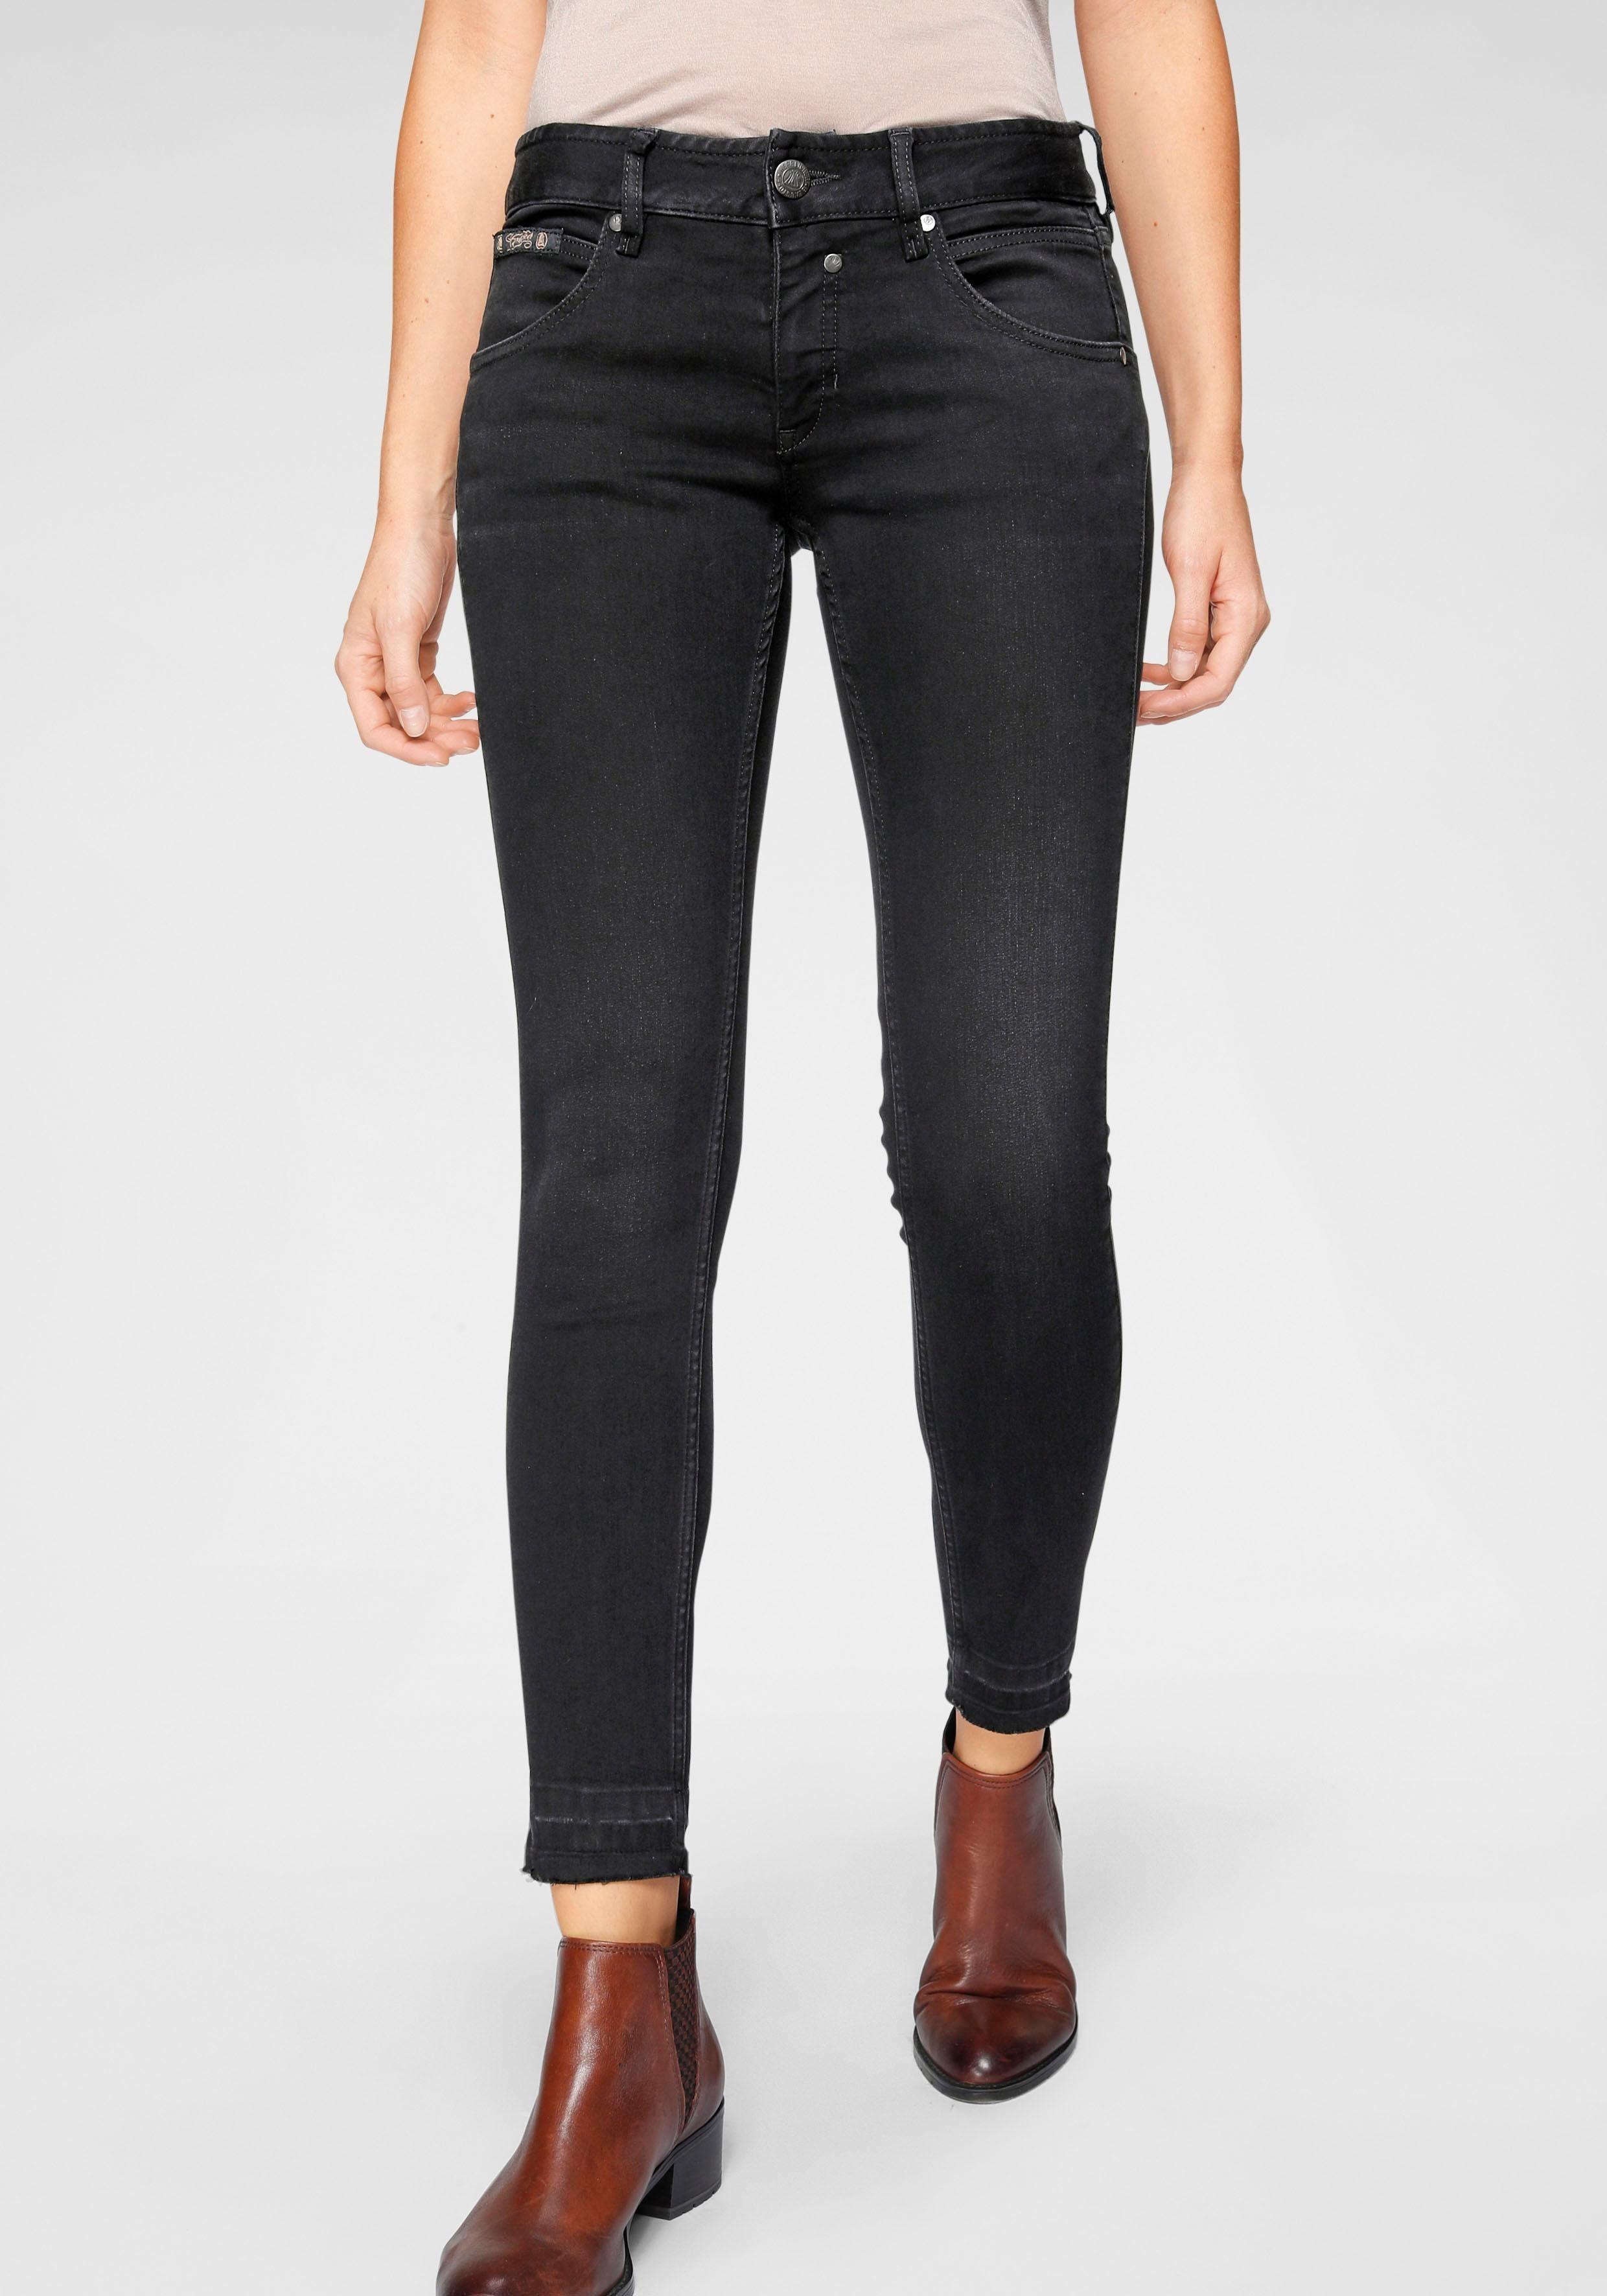 Herrlicher 7/8-Jeans TOUCH CROPPED | Bekleidung > Jeans > 7/8-Jeans | Herrlicher